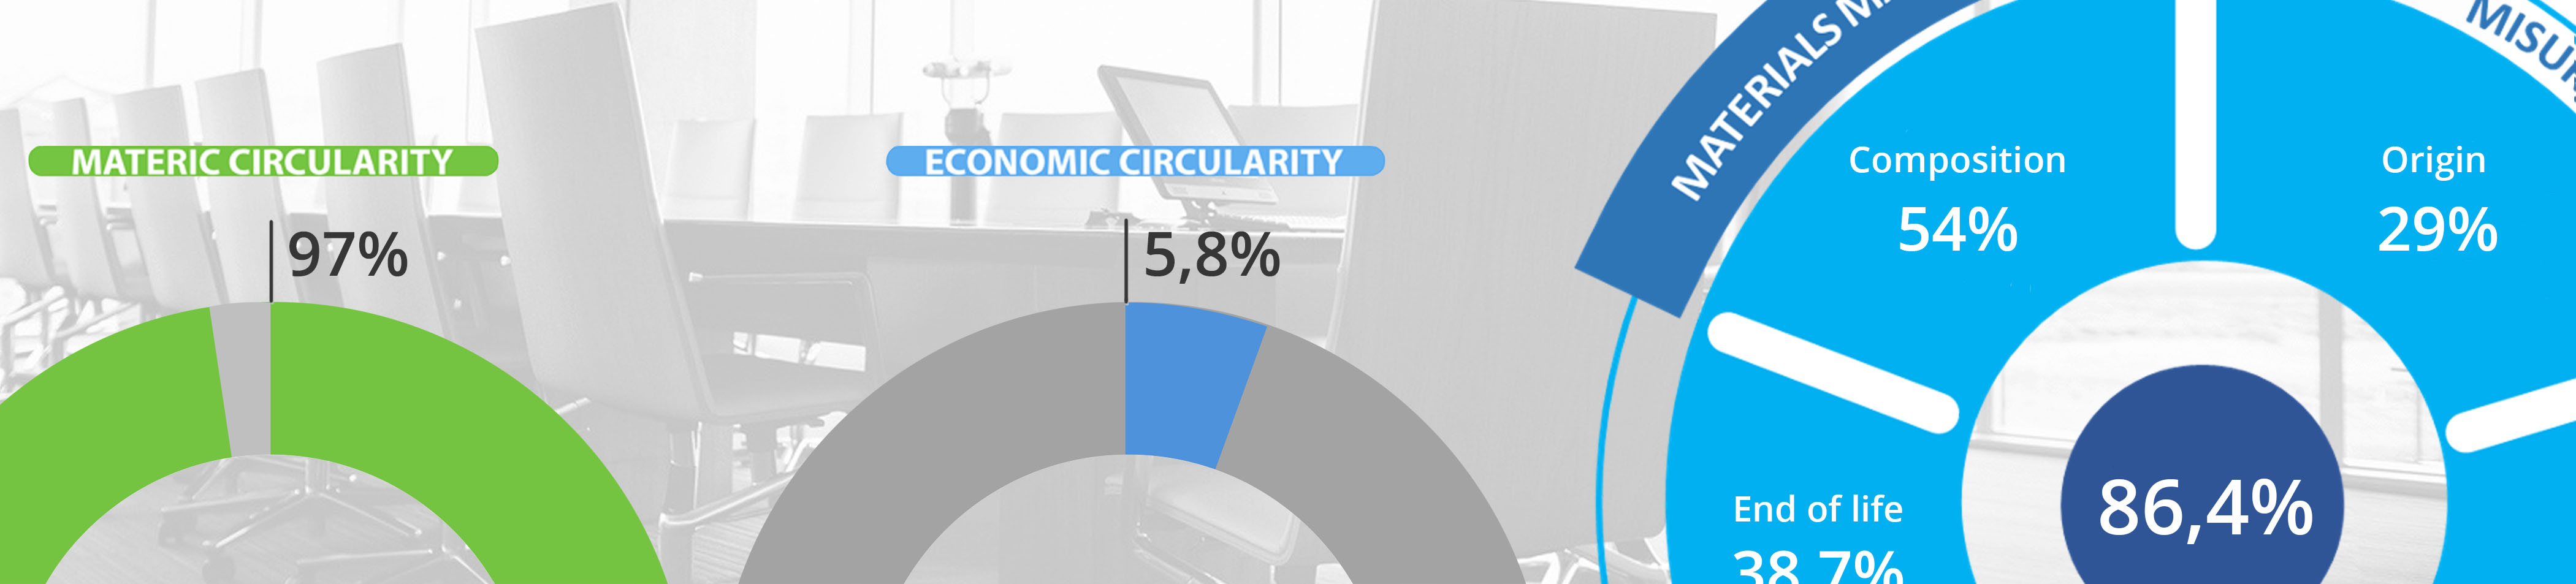 Measurement of circularity